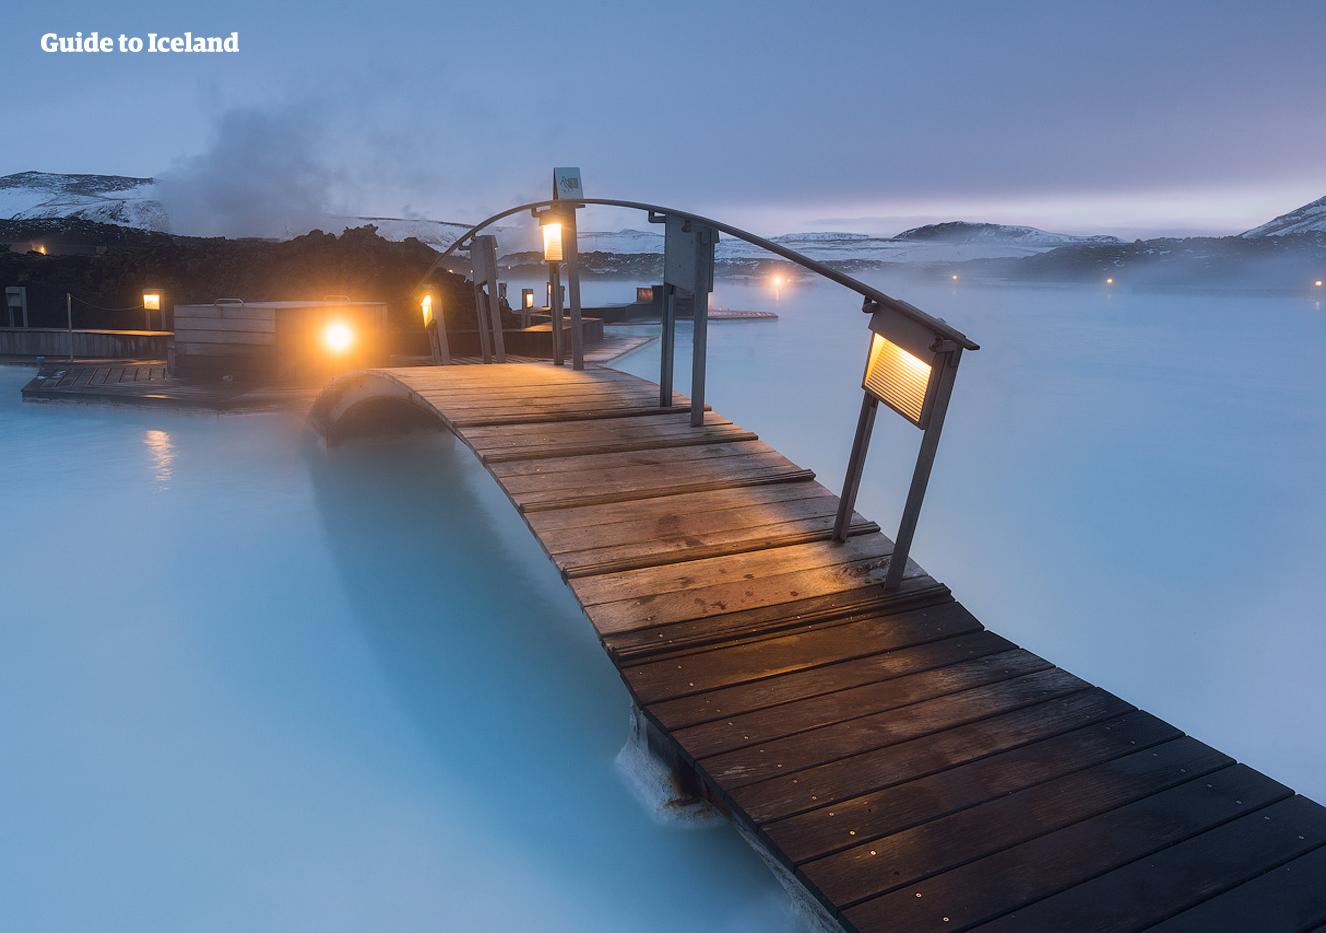 Juste après avoir atterri en Islande, vous pouvez aller vous détendre dans les eaux azurées du spa géothermal du Blue Lagoon.